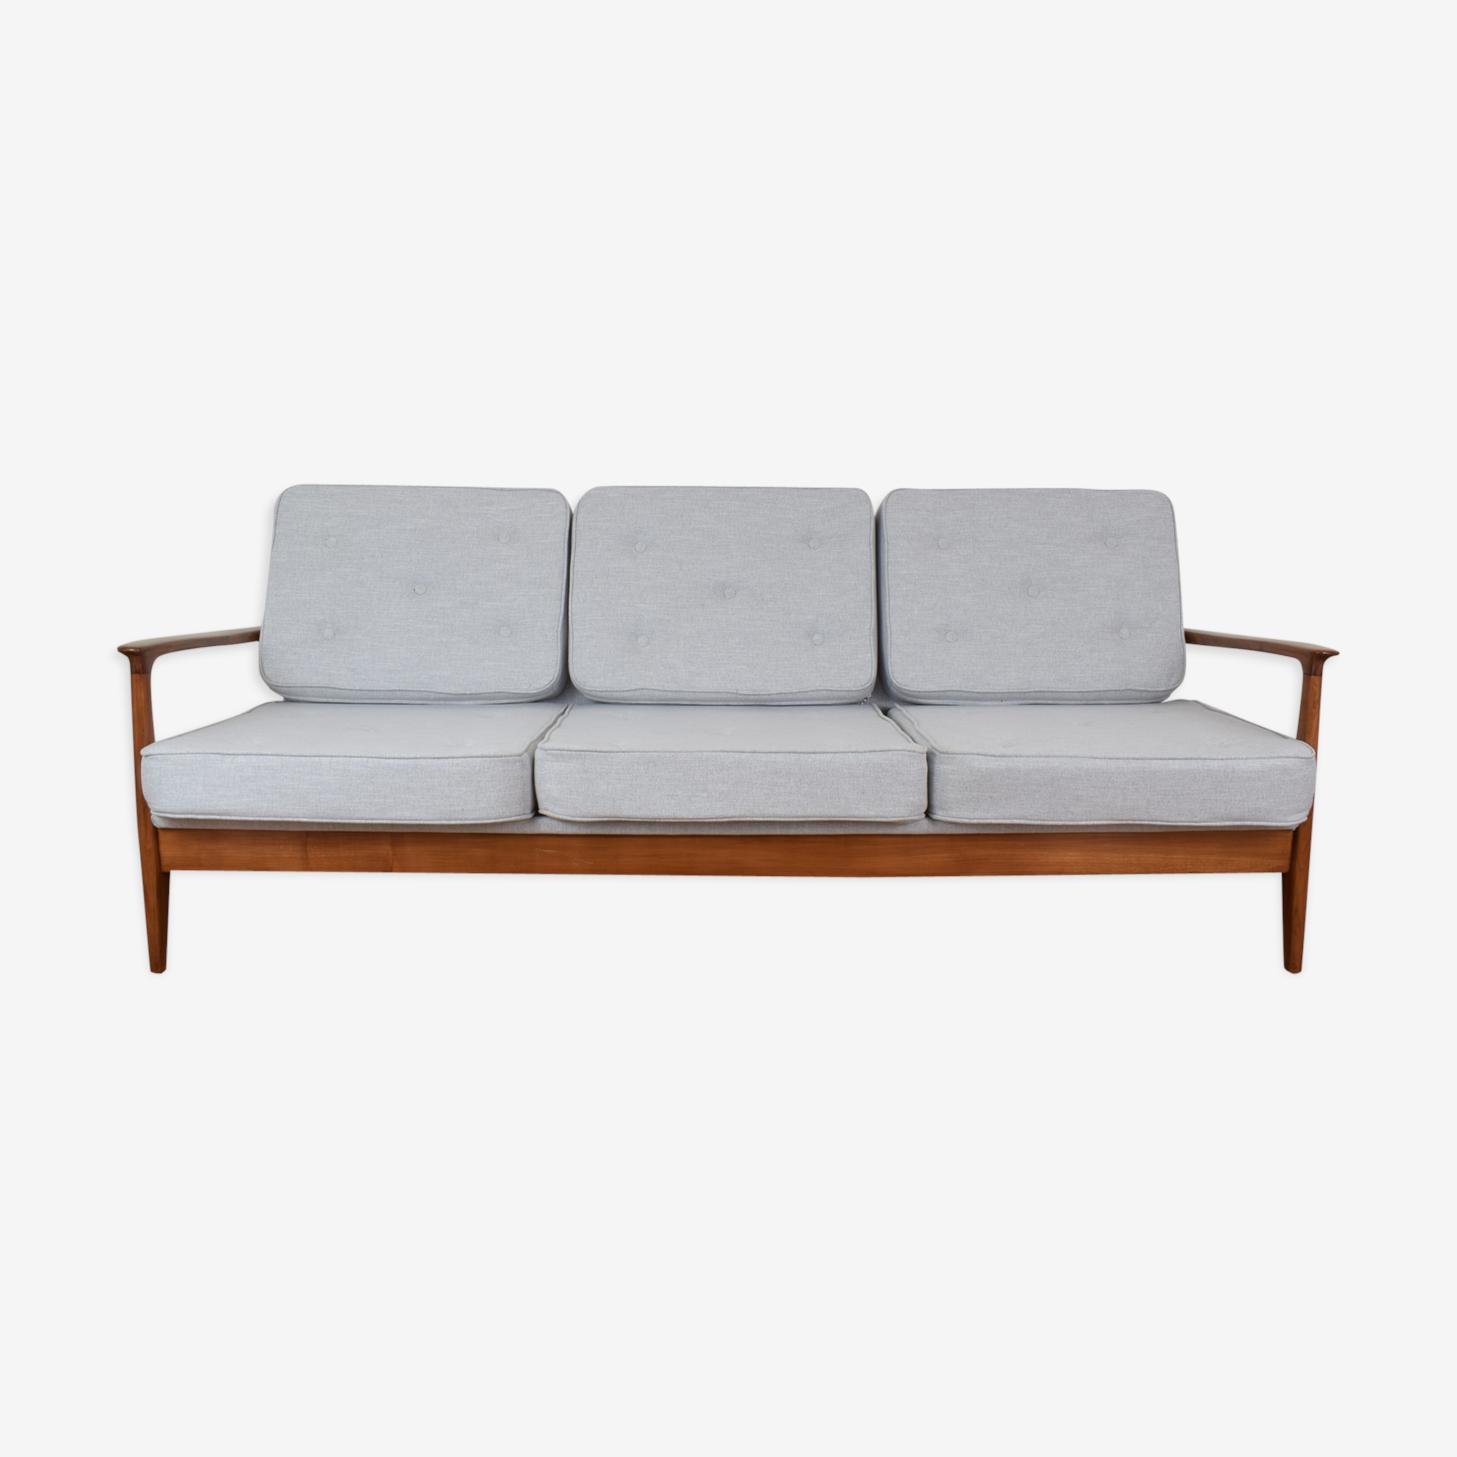 Sofa by Eugen Schmidt for Soloform, 1960